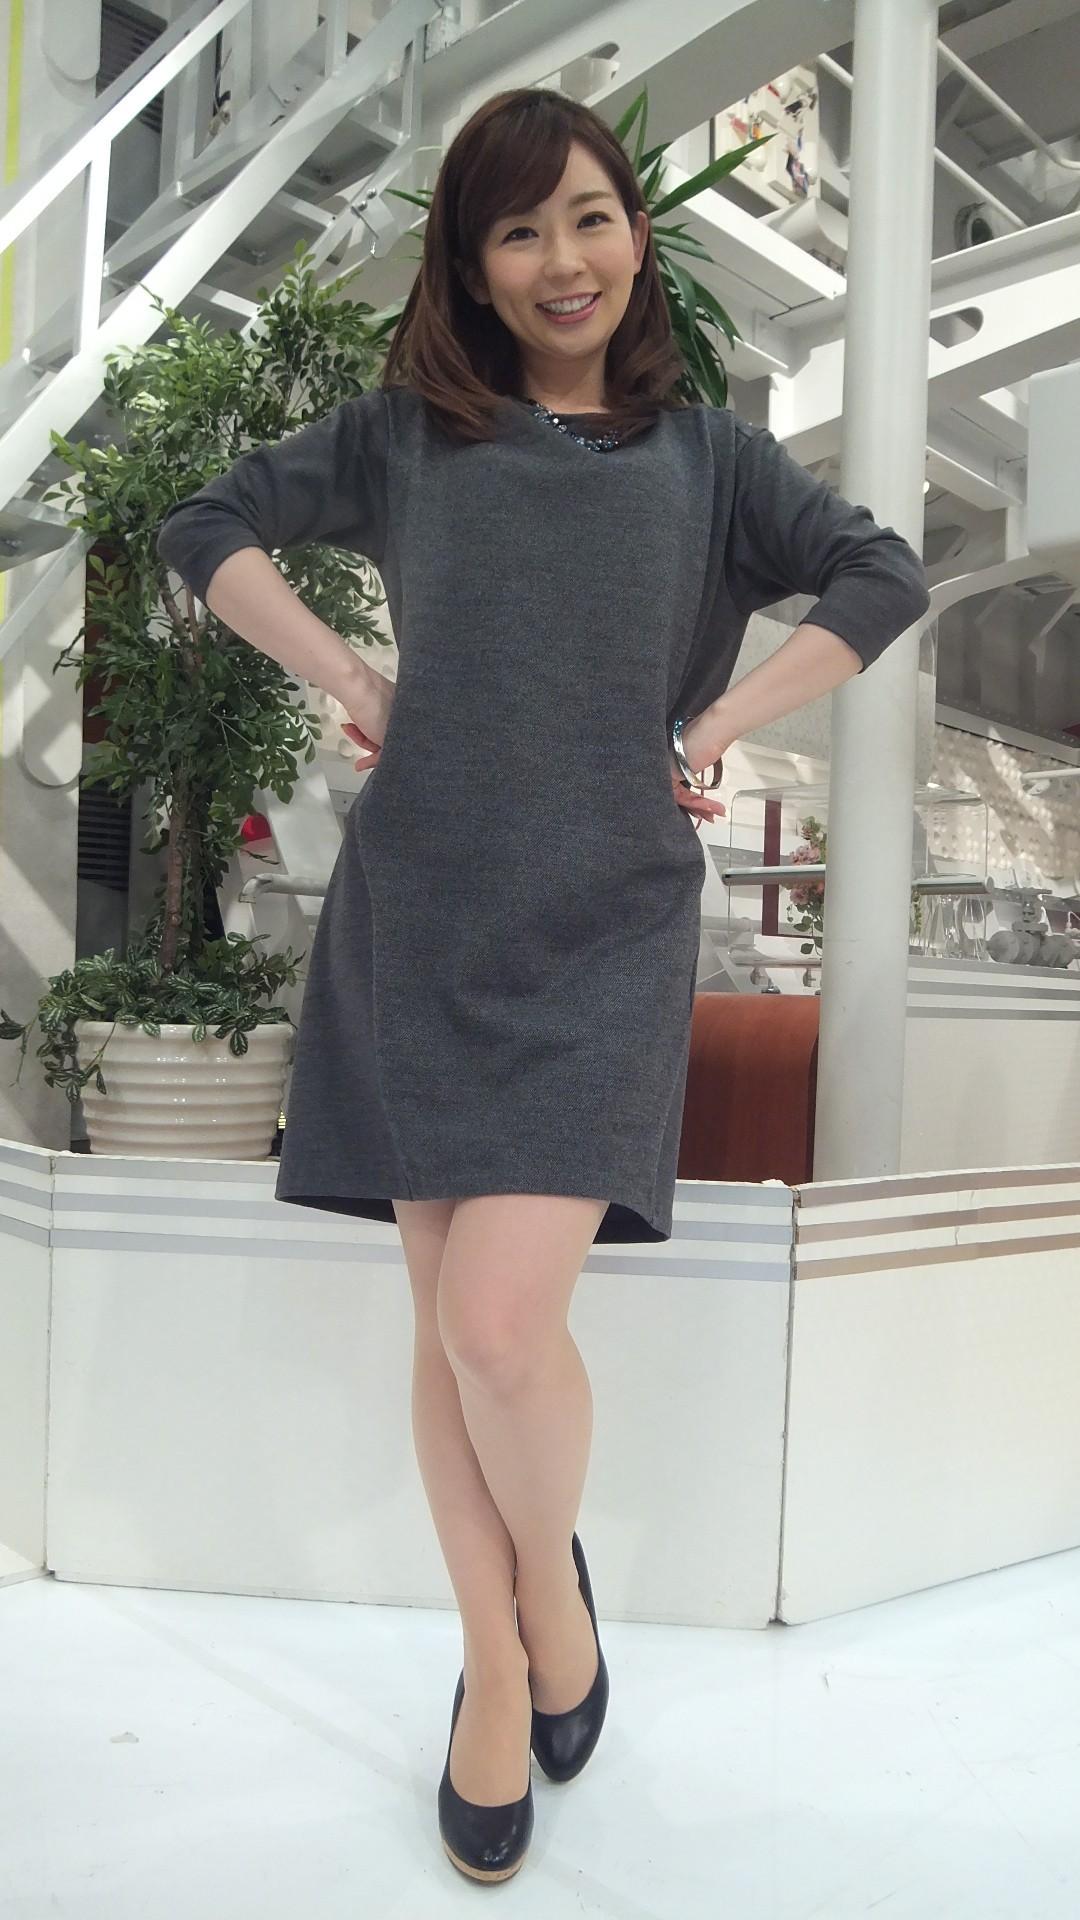 ワンピースが可愛い松尾由美子